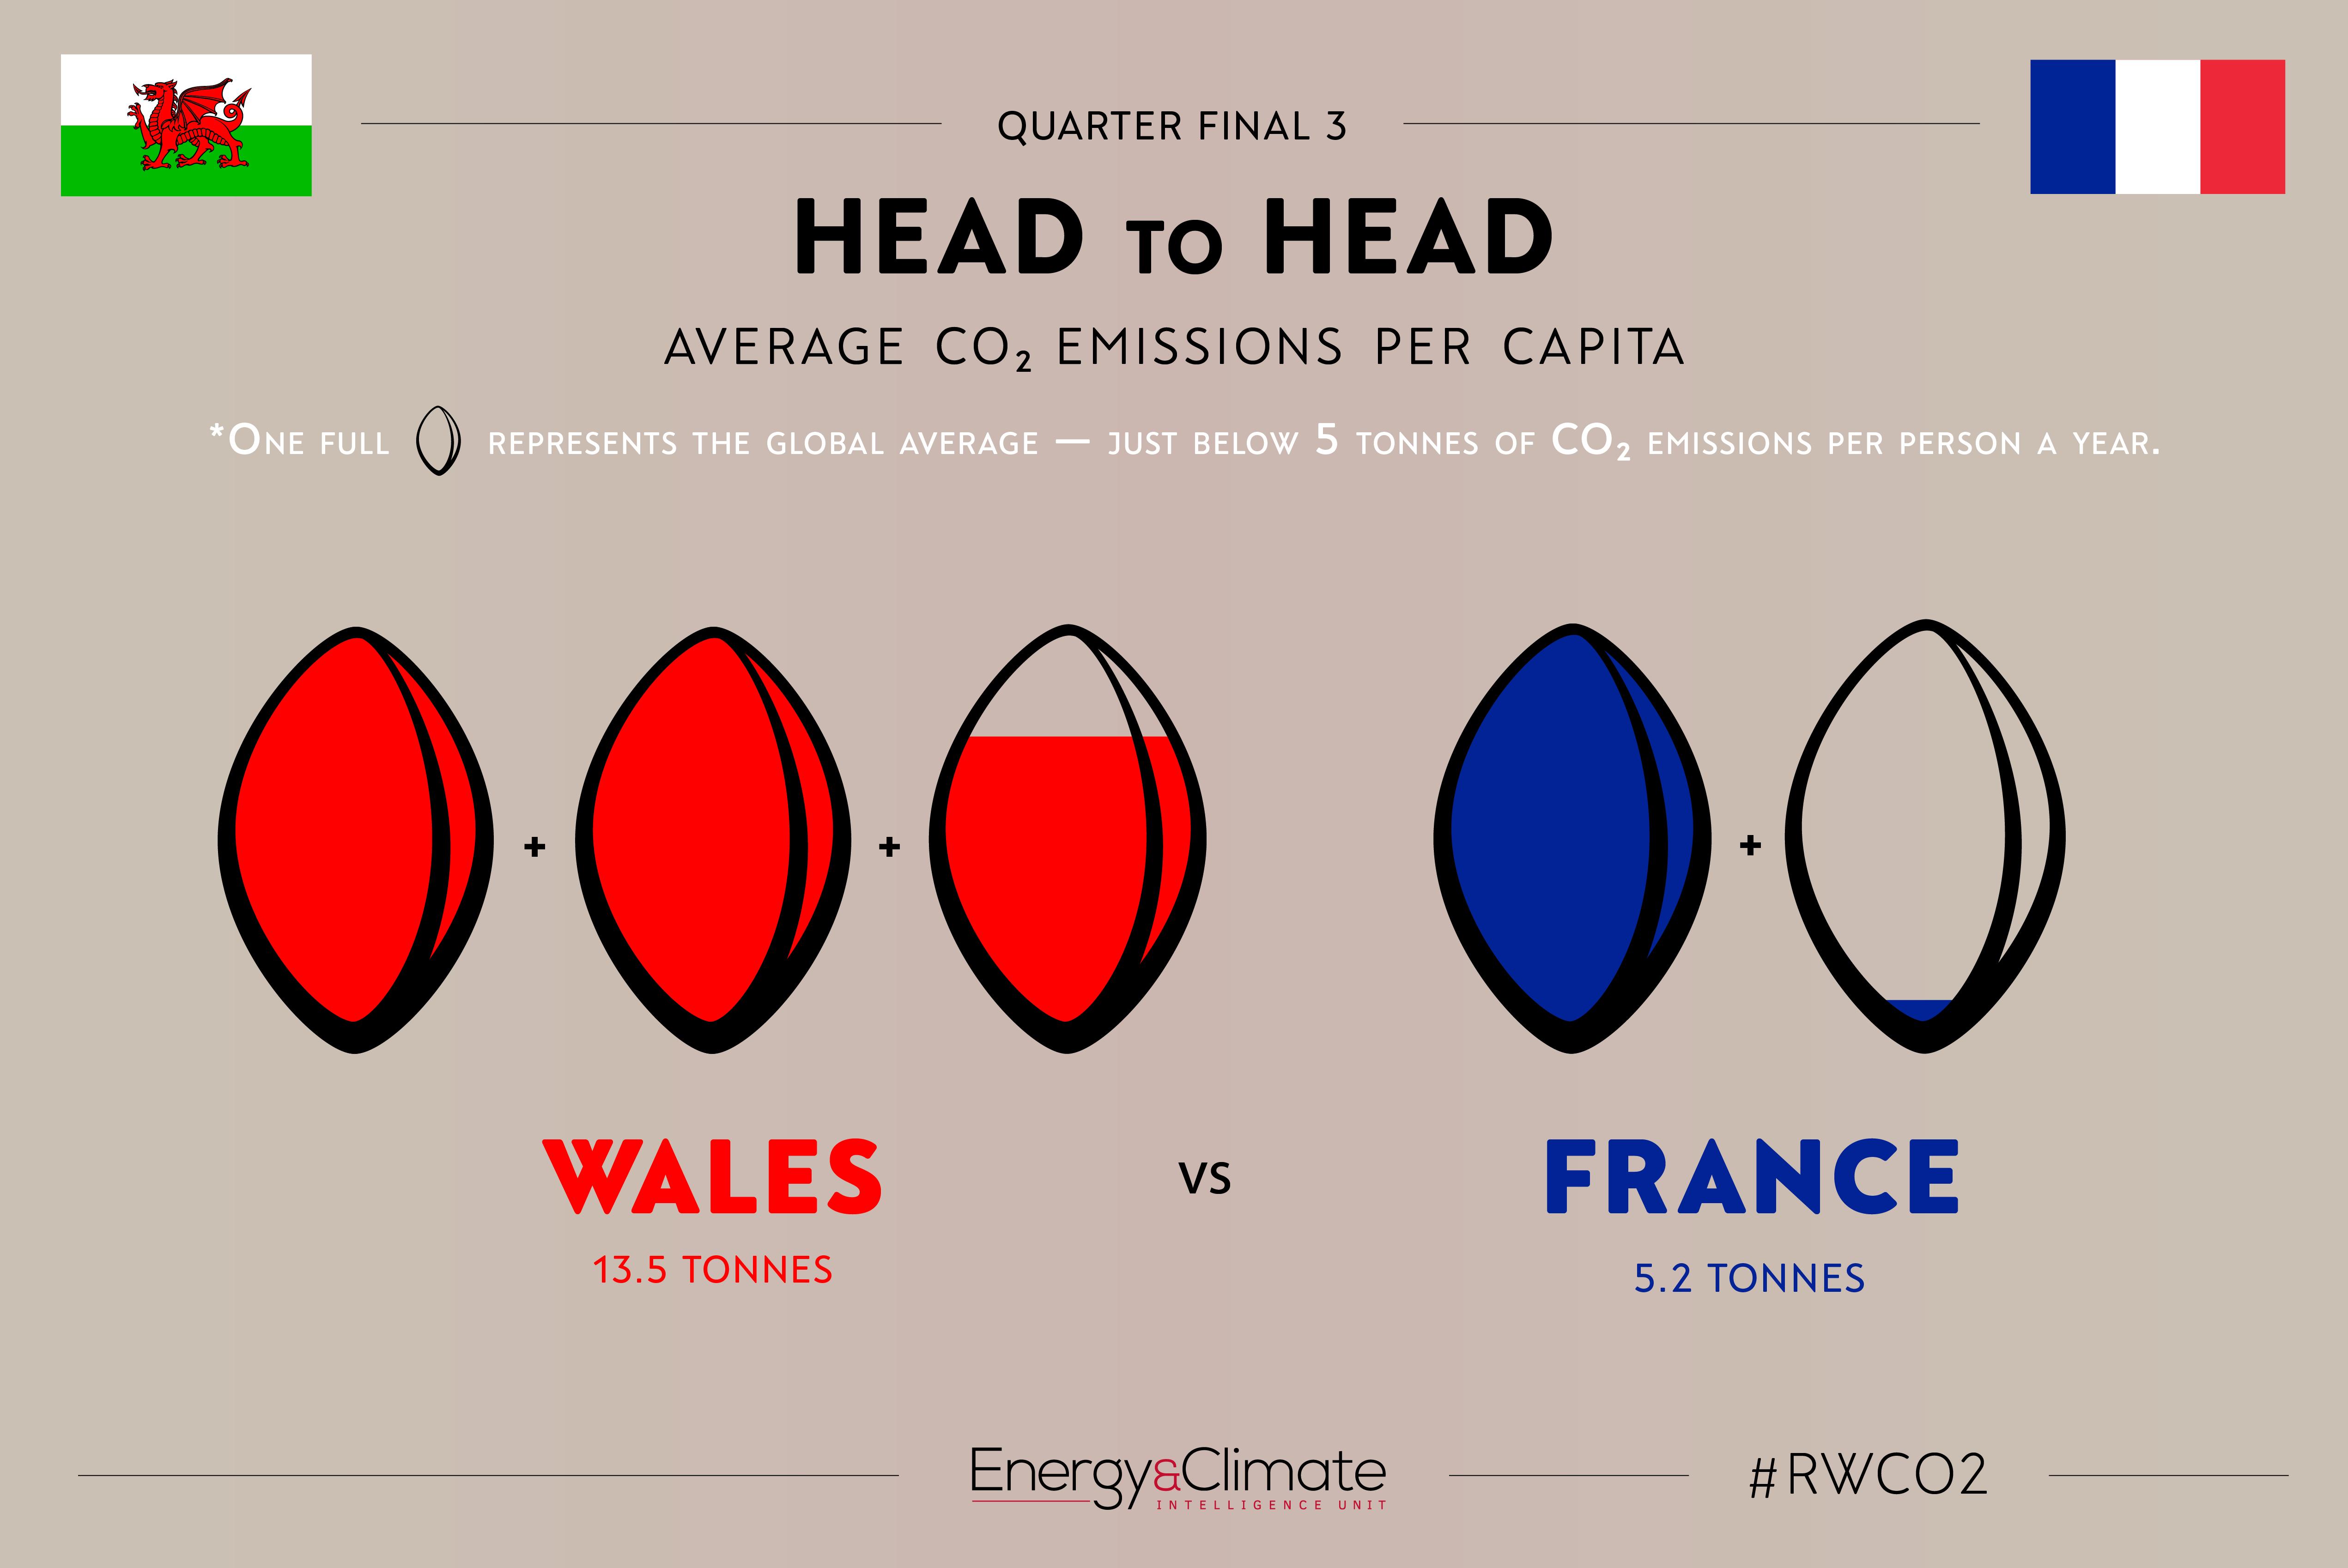 Wales v France - per capita emissions